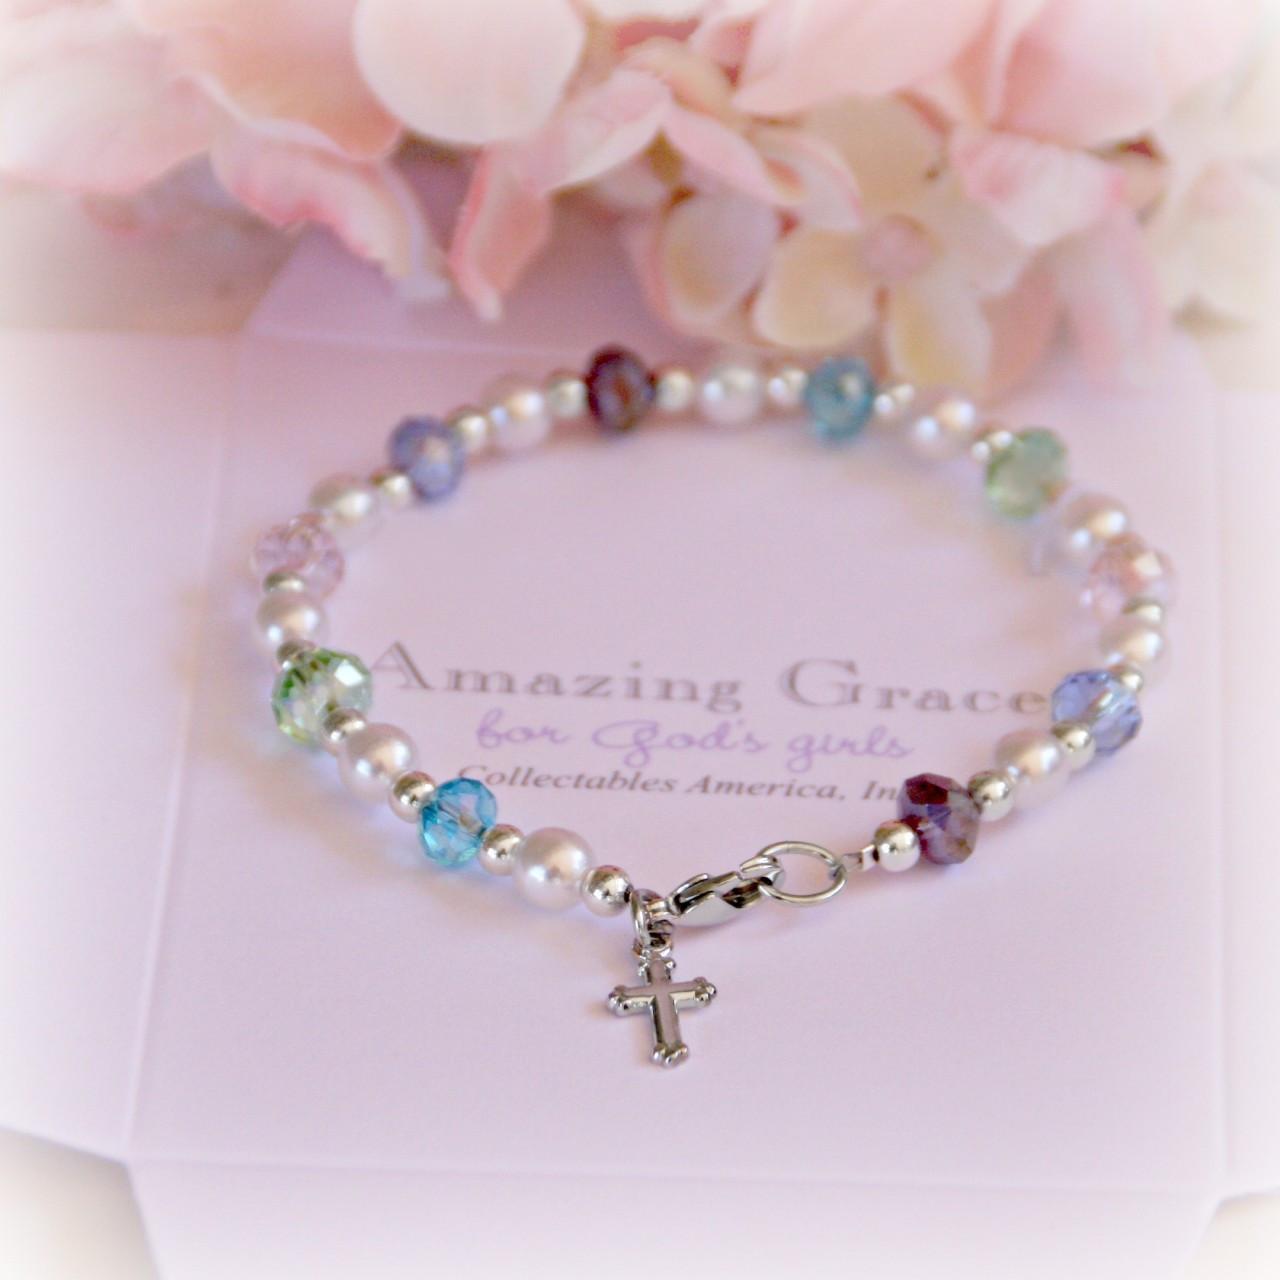 GG-15  Amazing Grace Pastel Bracelet